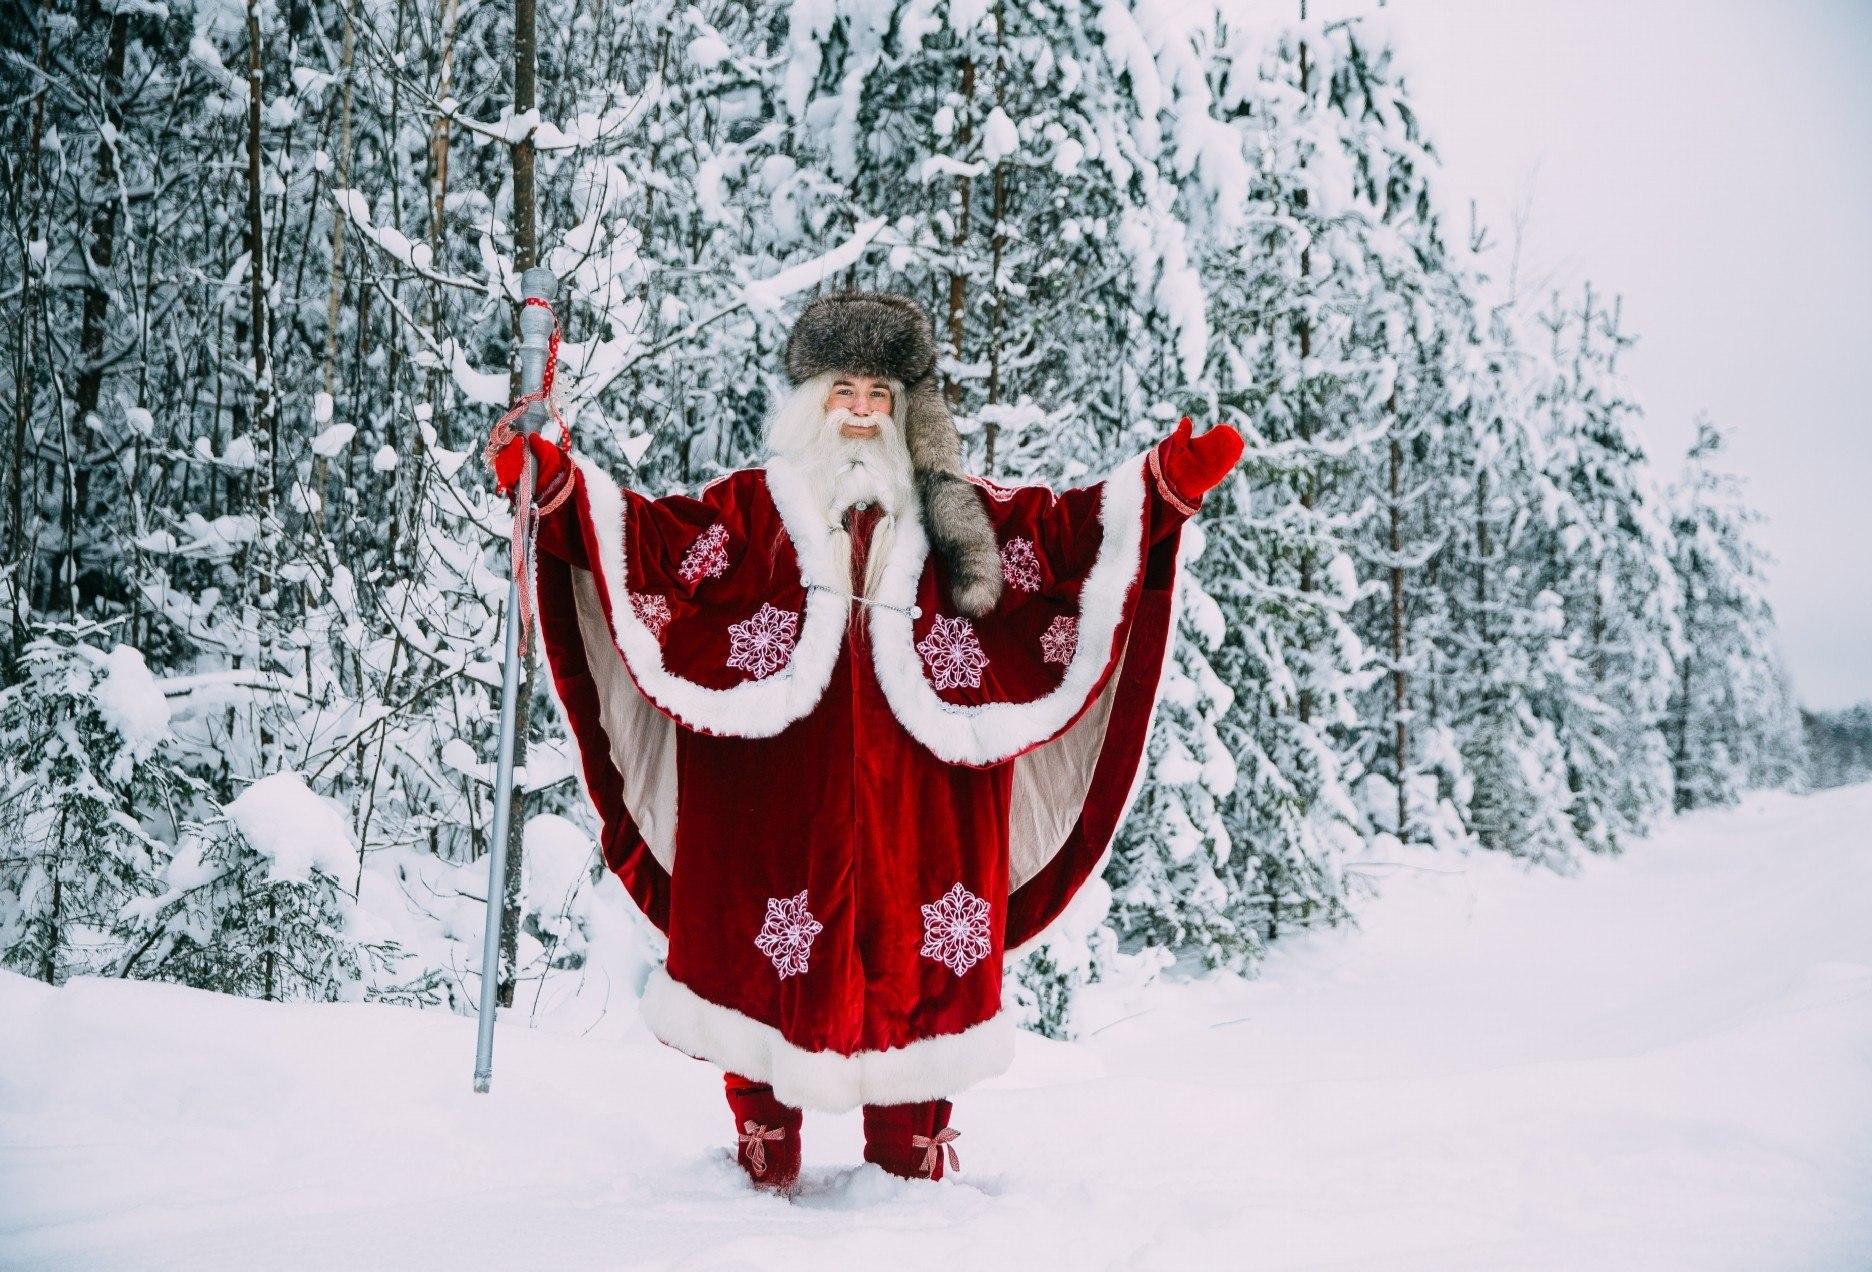 Отдых в Карелии зимой с детьми в 2019 году